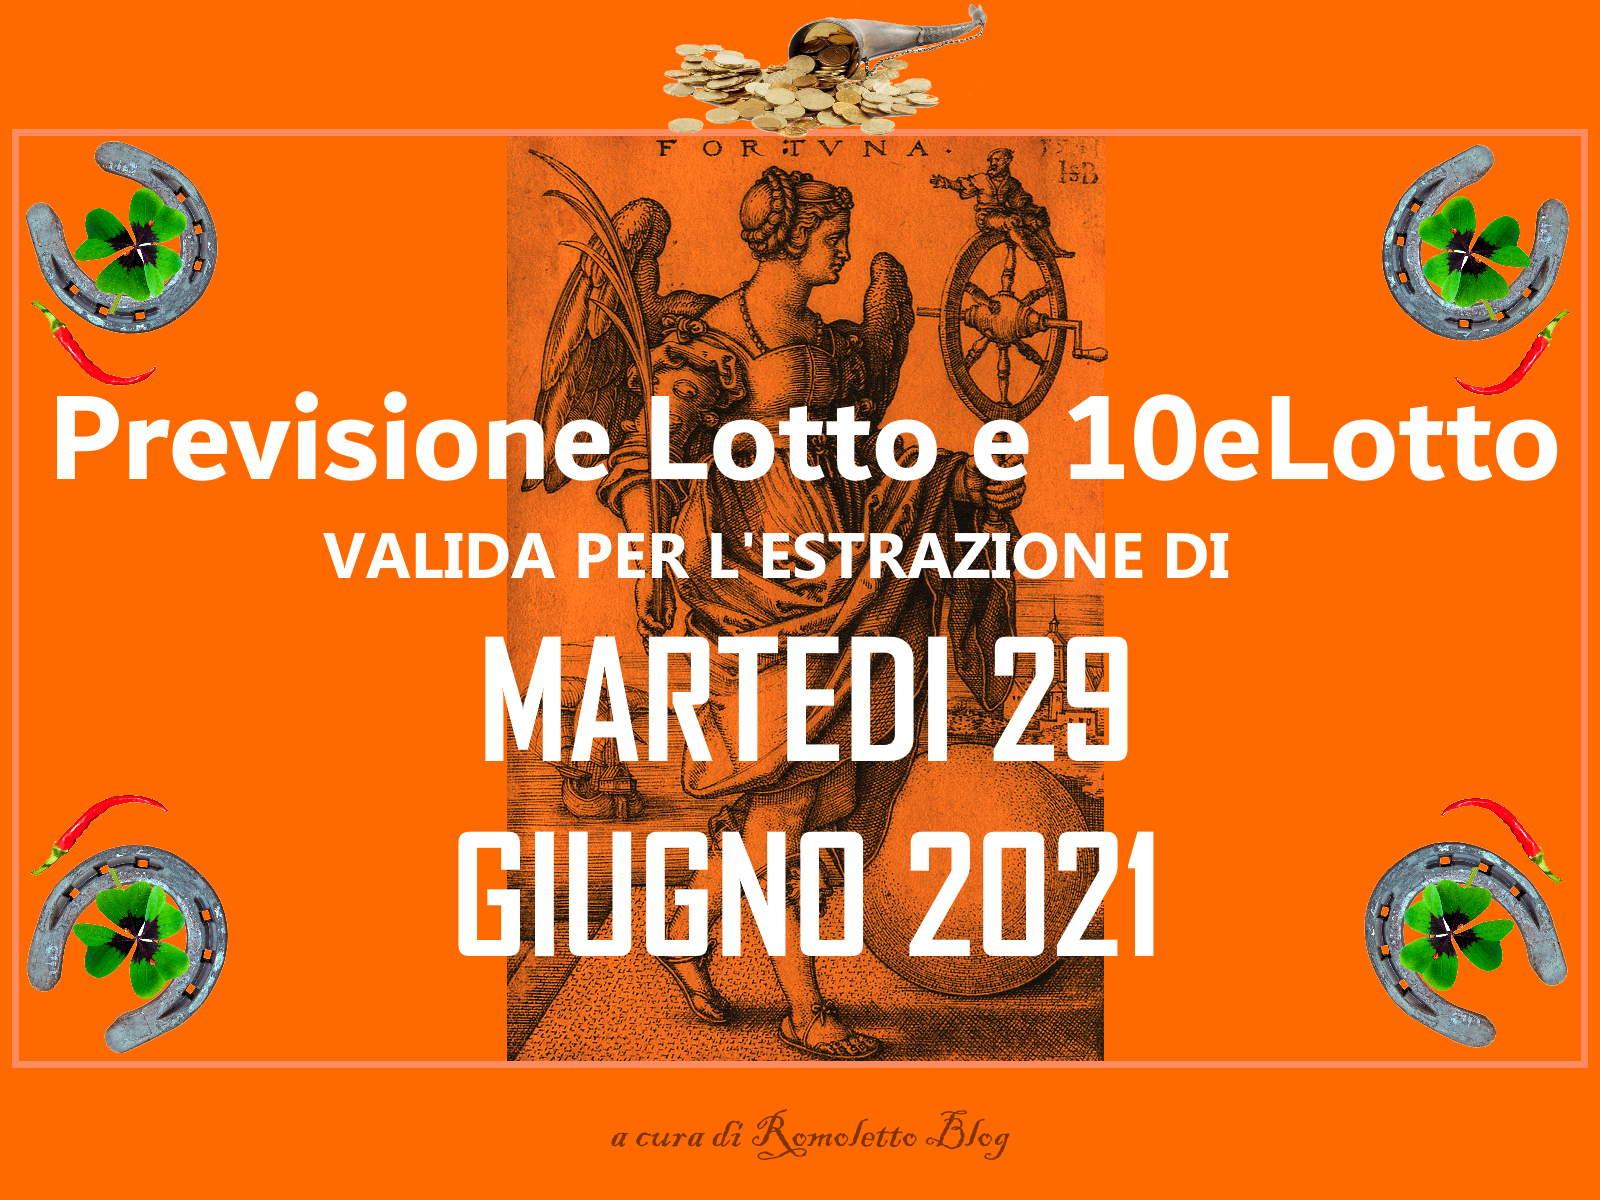 Previsione Lotto 29 Giugno 2021